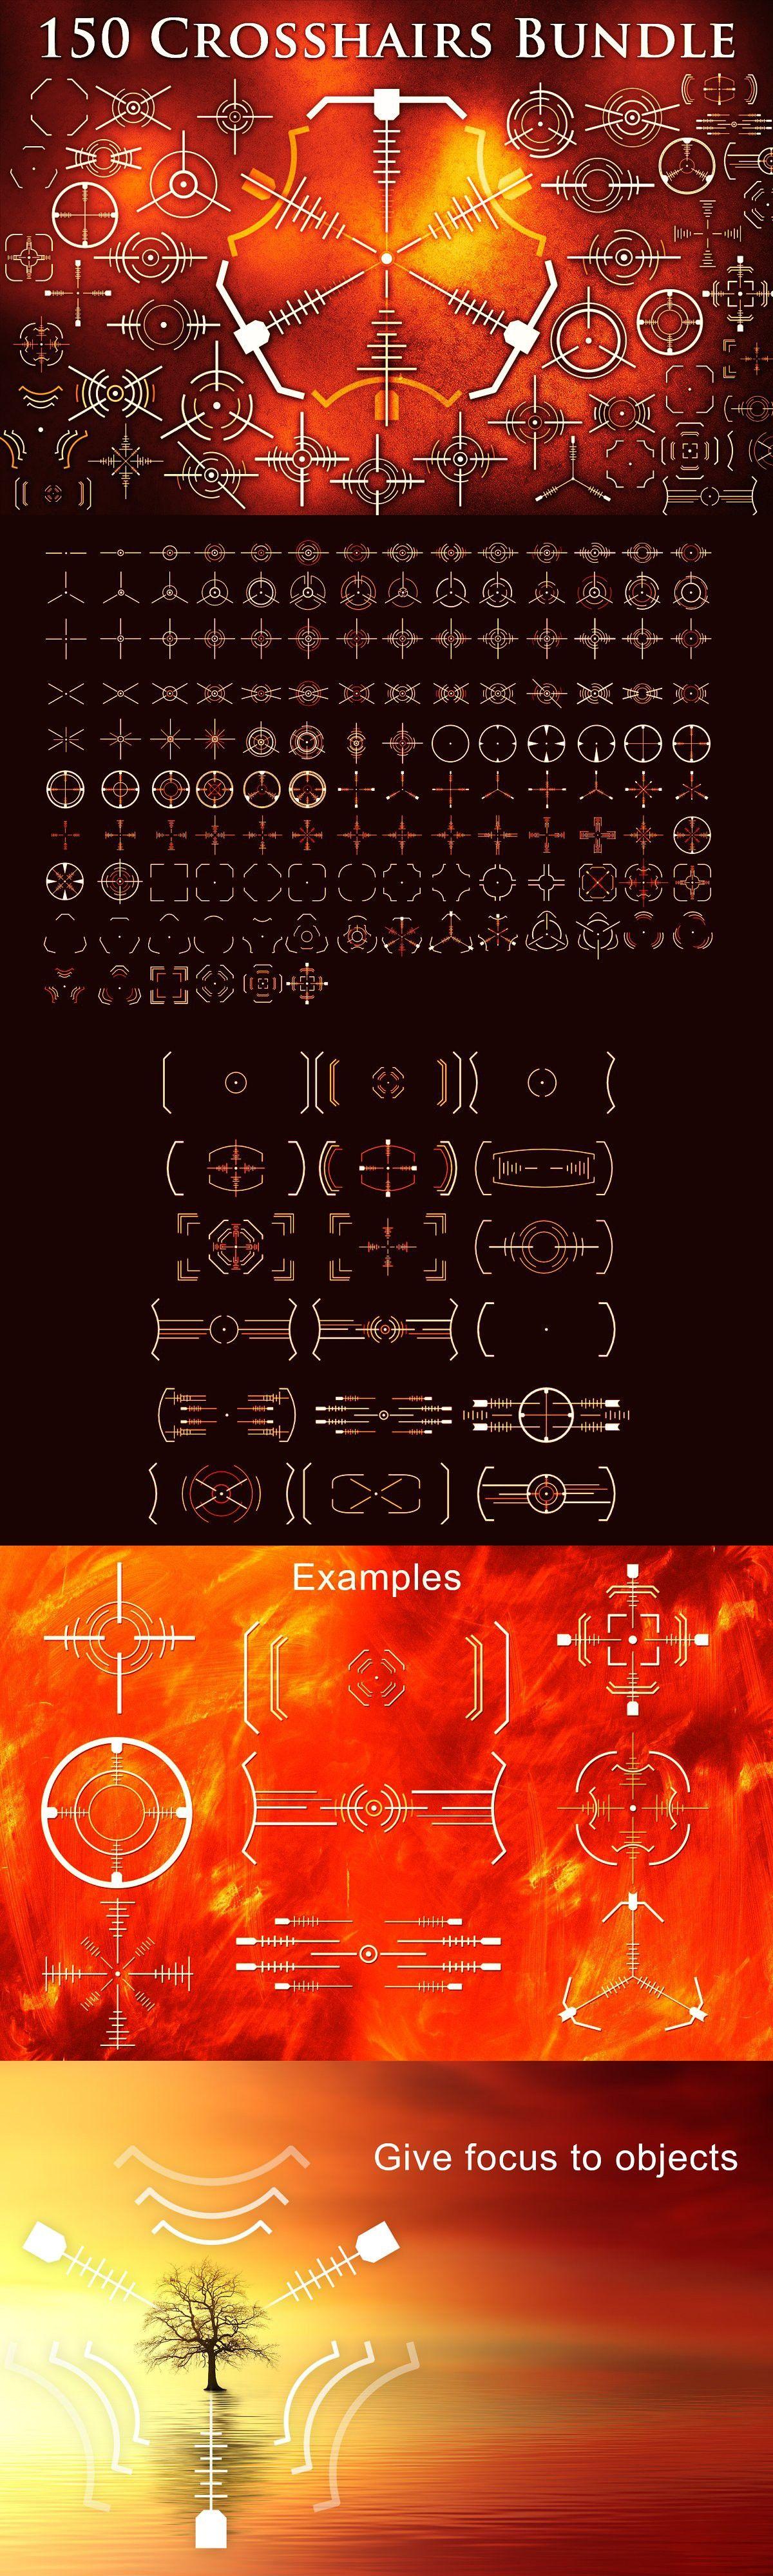 Crosshair Bundle Svg Png Eps Brushes Bundles Futuristic Design Eps